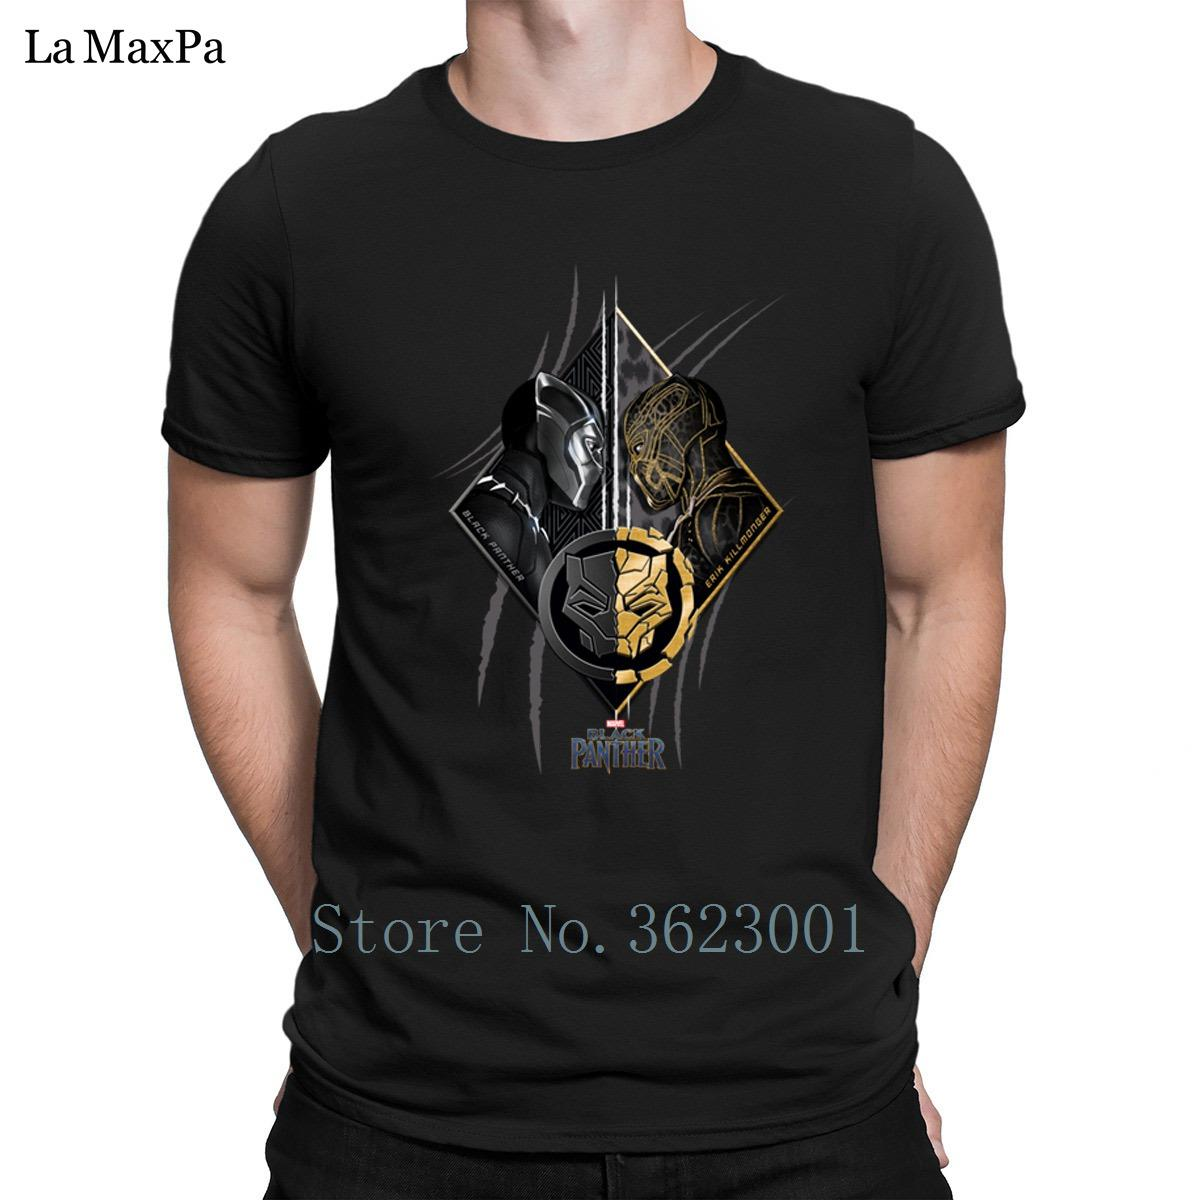 Tshirt Faccia a faccia uomini della maglietta Personalizza nuovo arrivo Streetwear Tee Shirt per gli uomini T-shirt Slogan Man 100% Cotton Tee Top